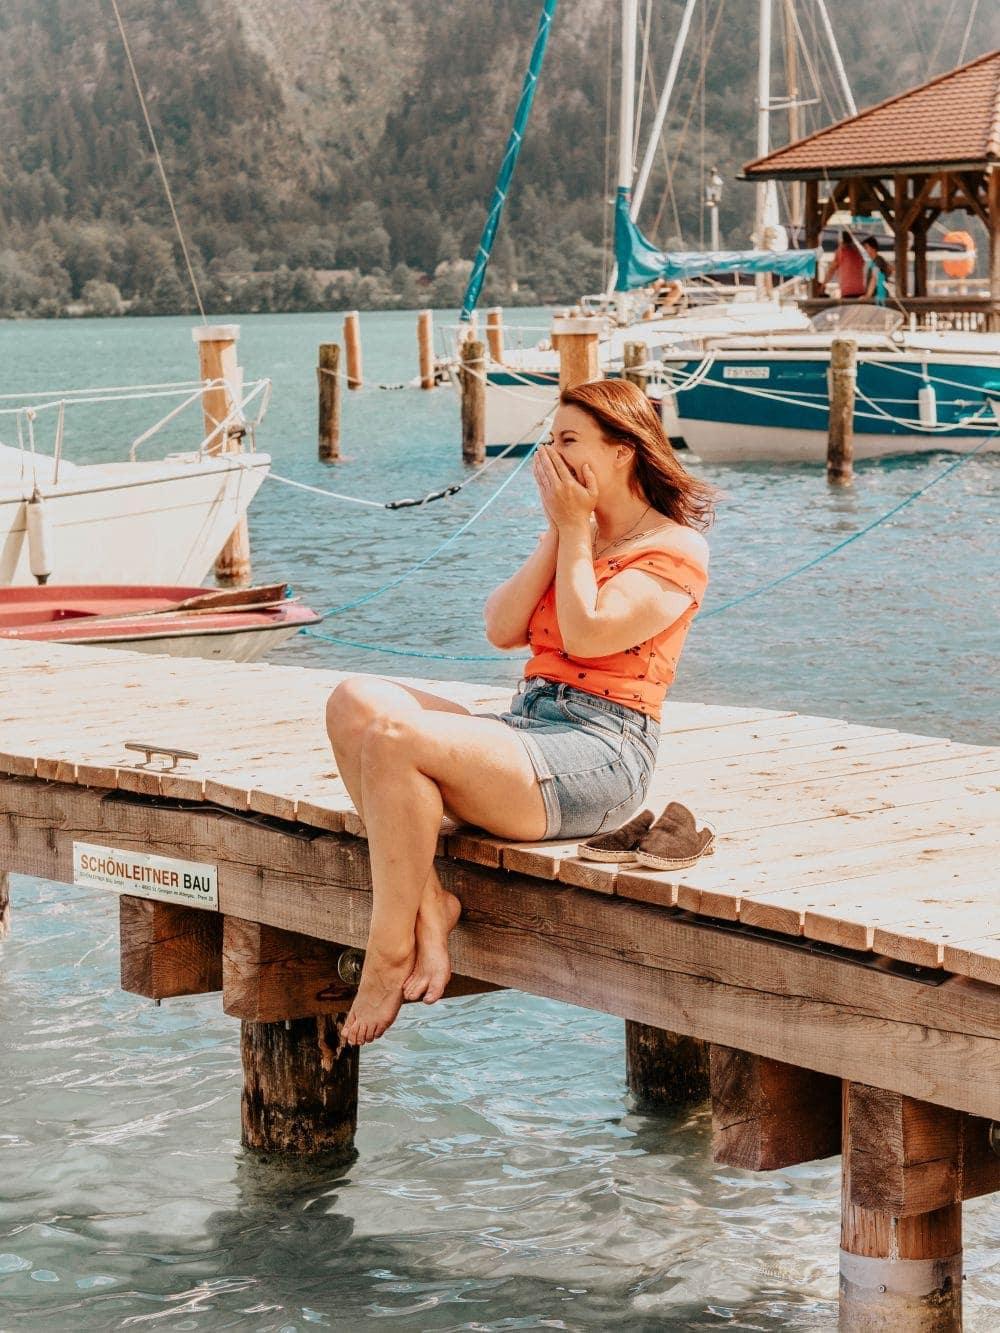 20 der schönsten Orte und Fotospots in Österreich – Fotowettbewerb